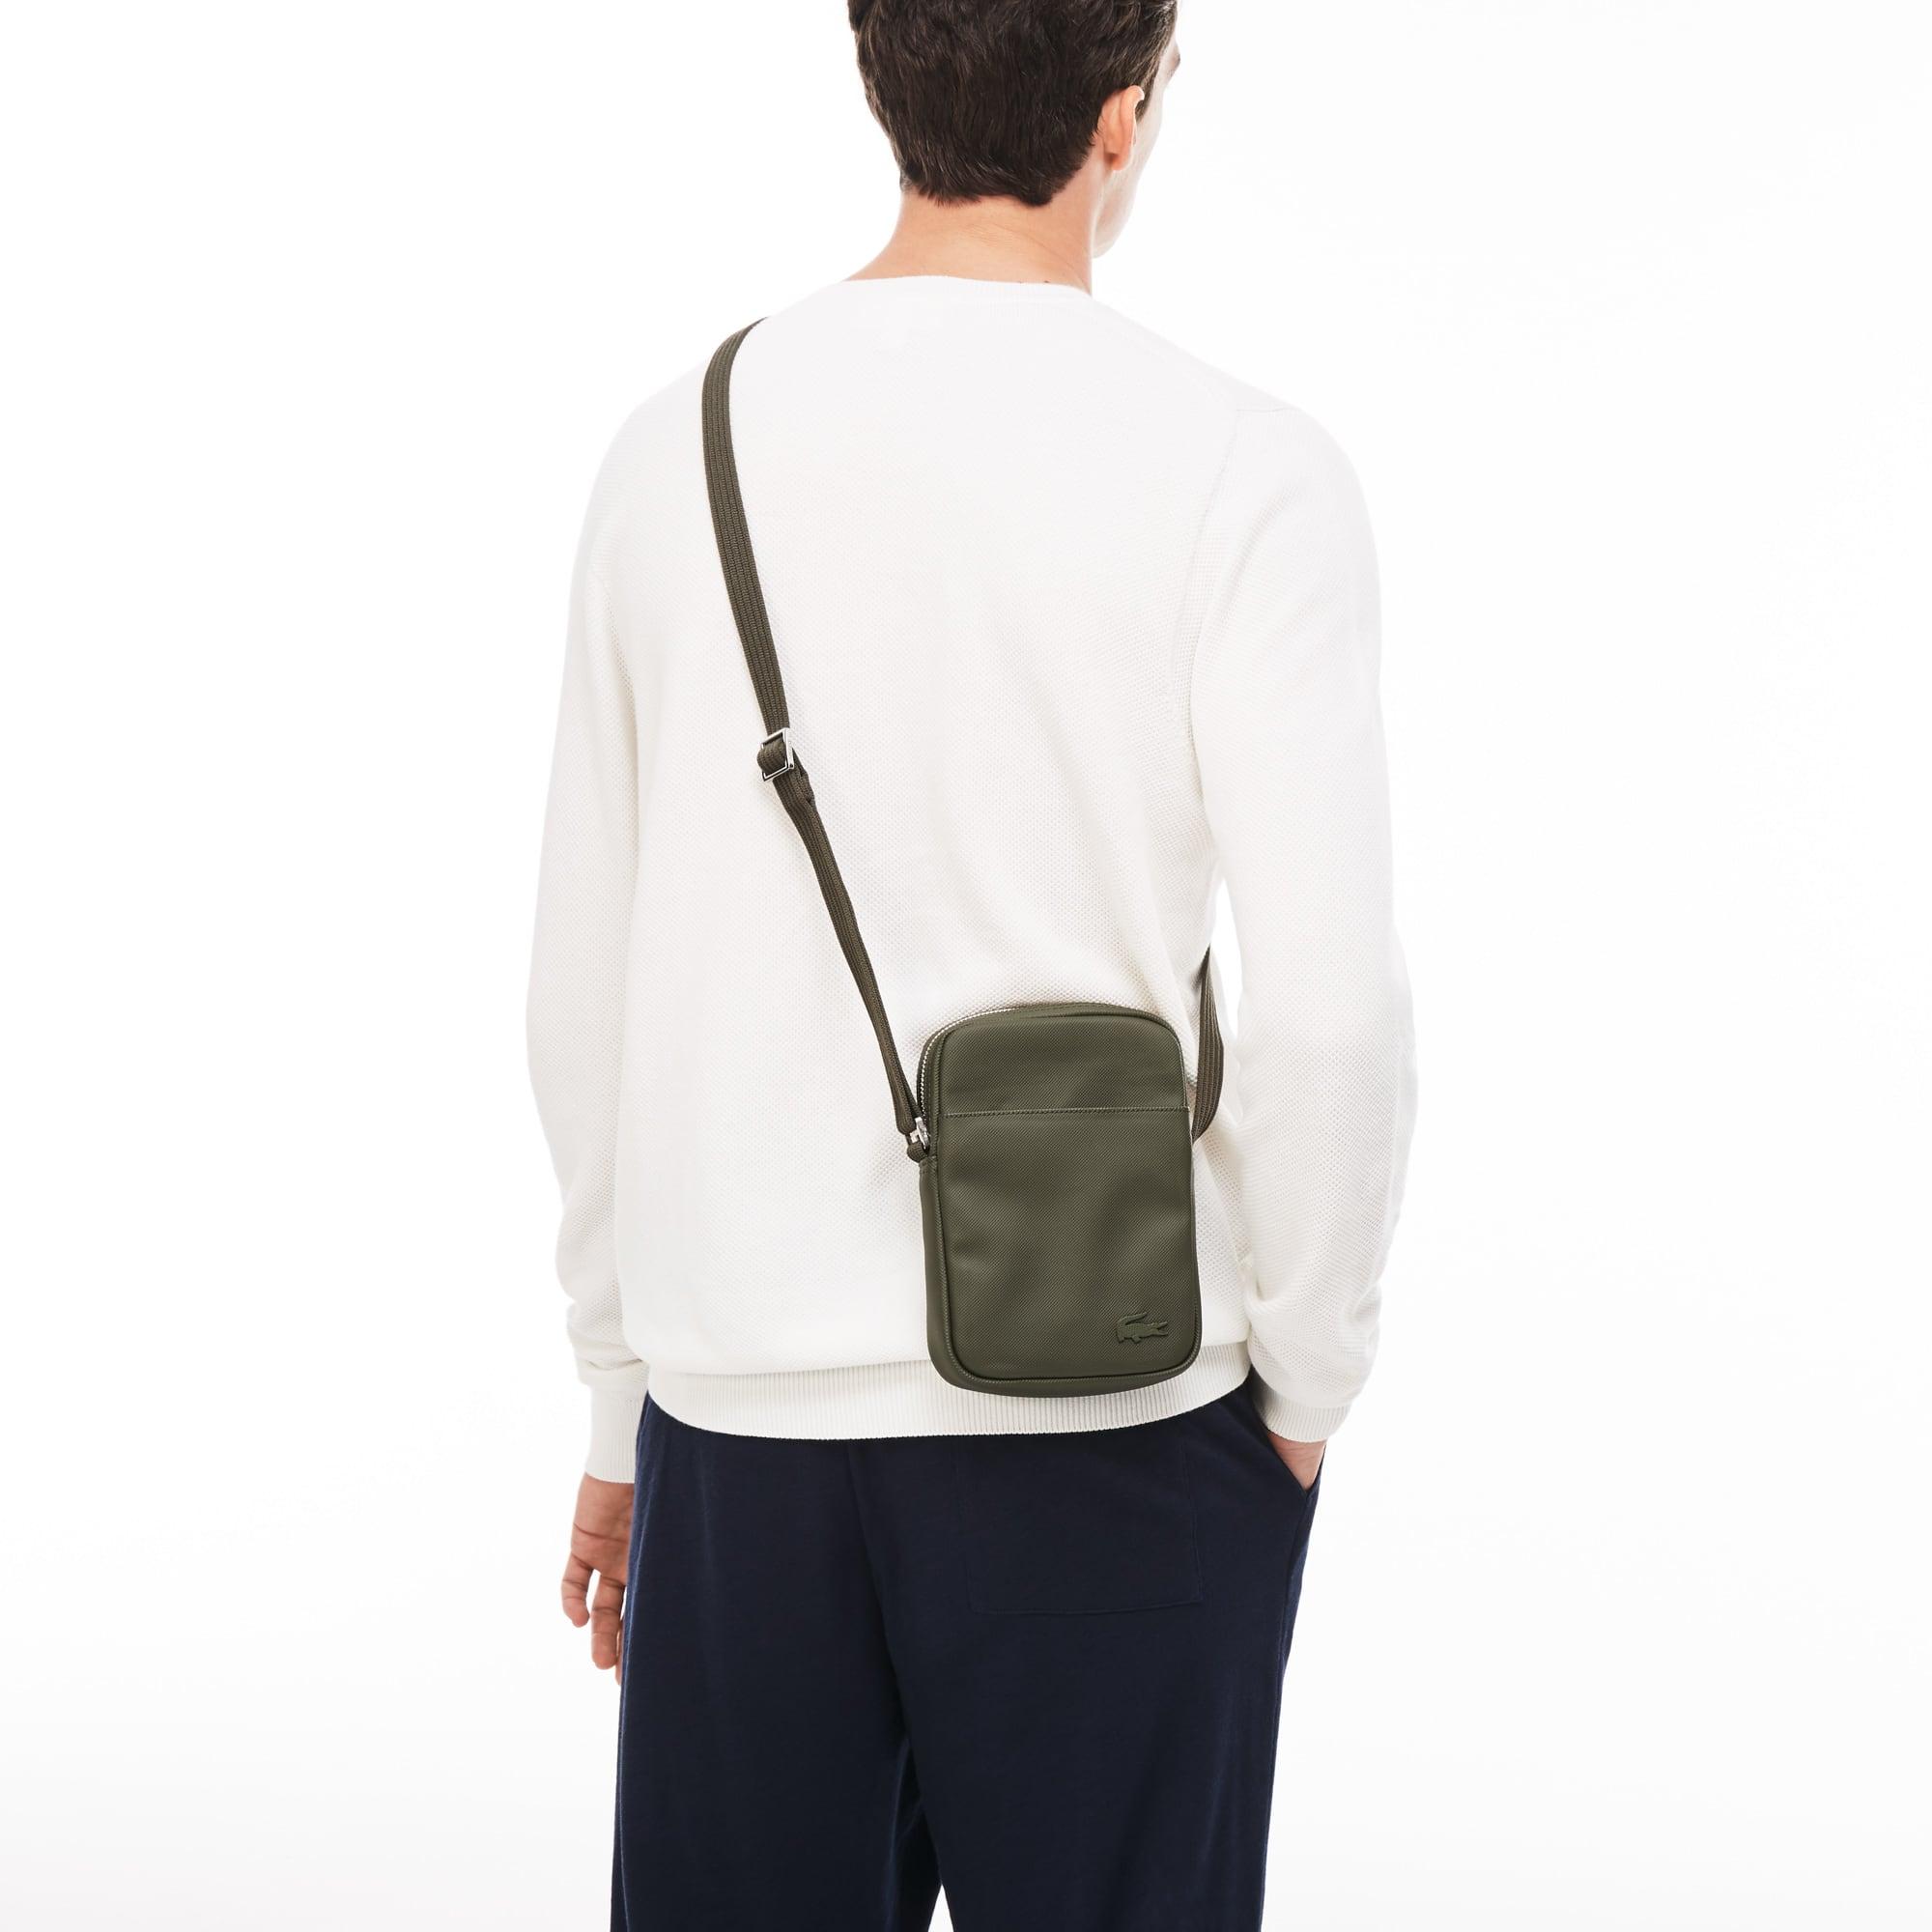 Sacoche zippée verticale Men's Classic en petit piqué uni